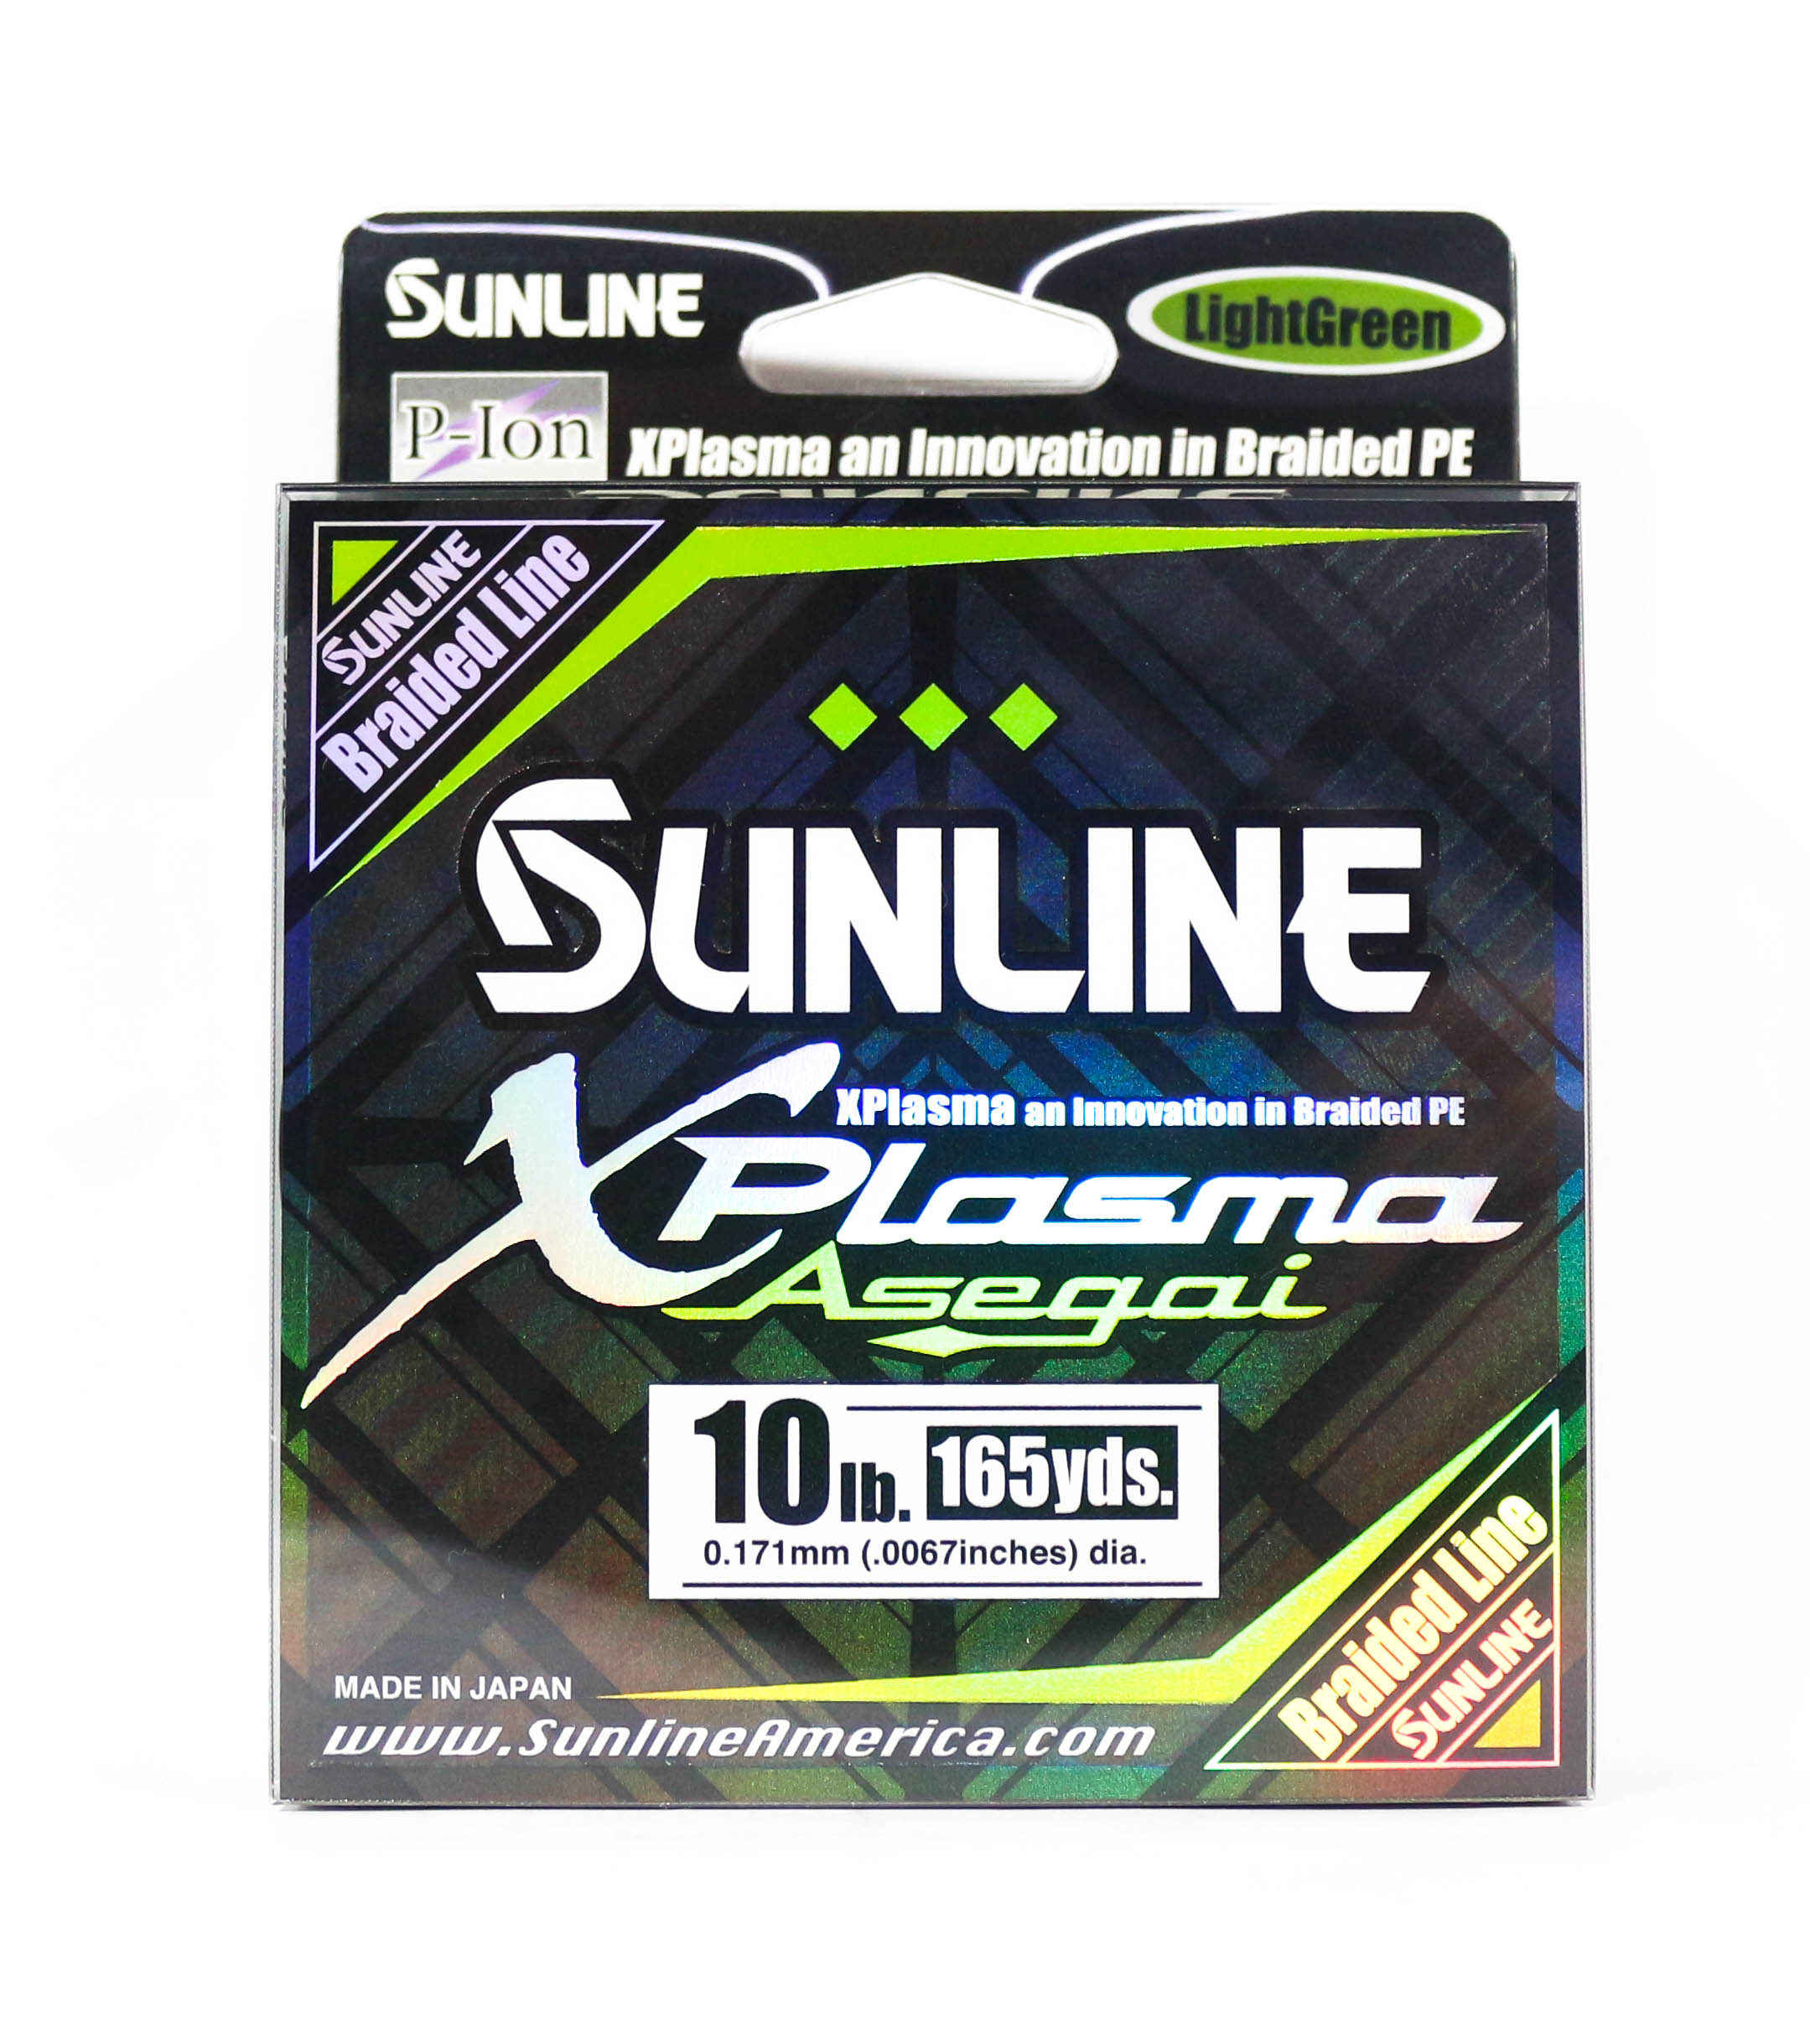 Sunline Asegai Xplasma Braided Line 165yds P.E 1 10lb Light Green (5004)